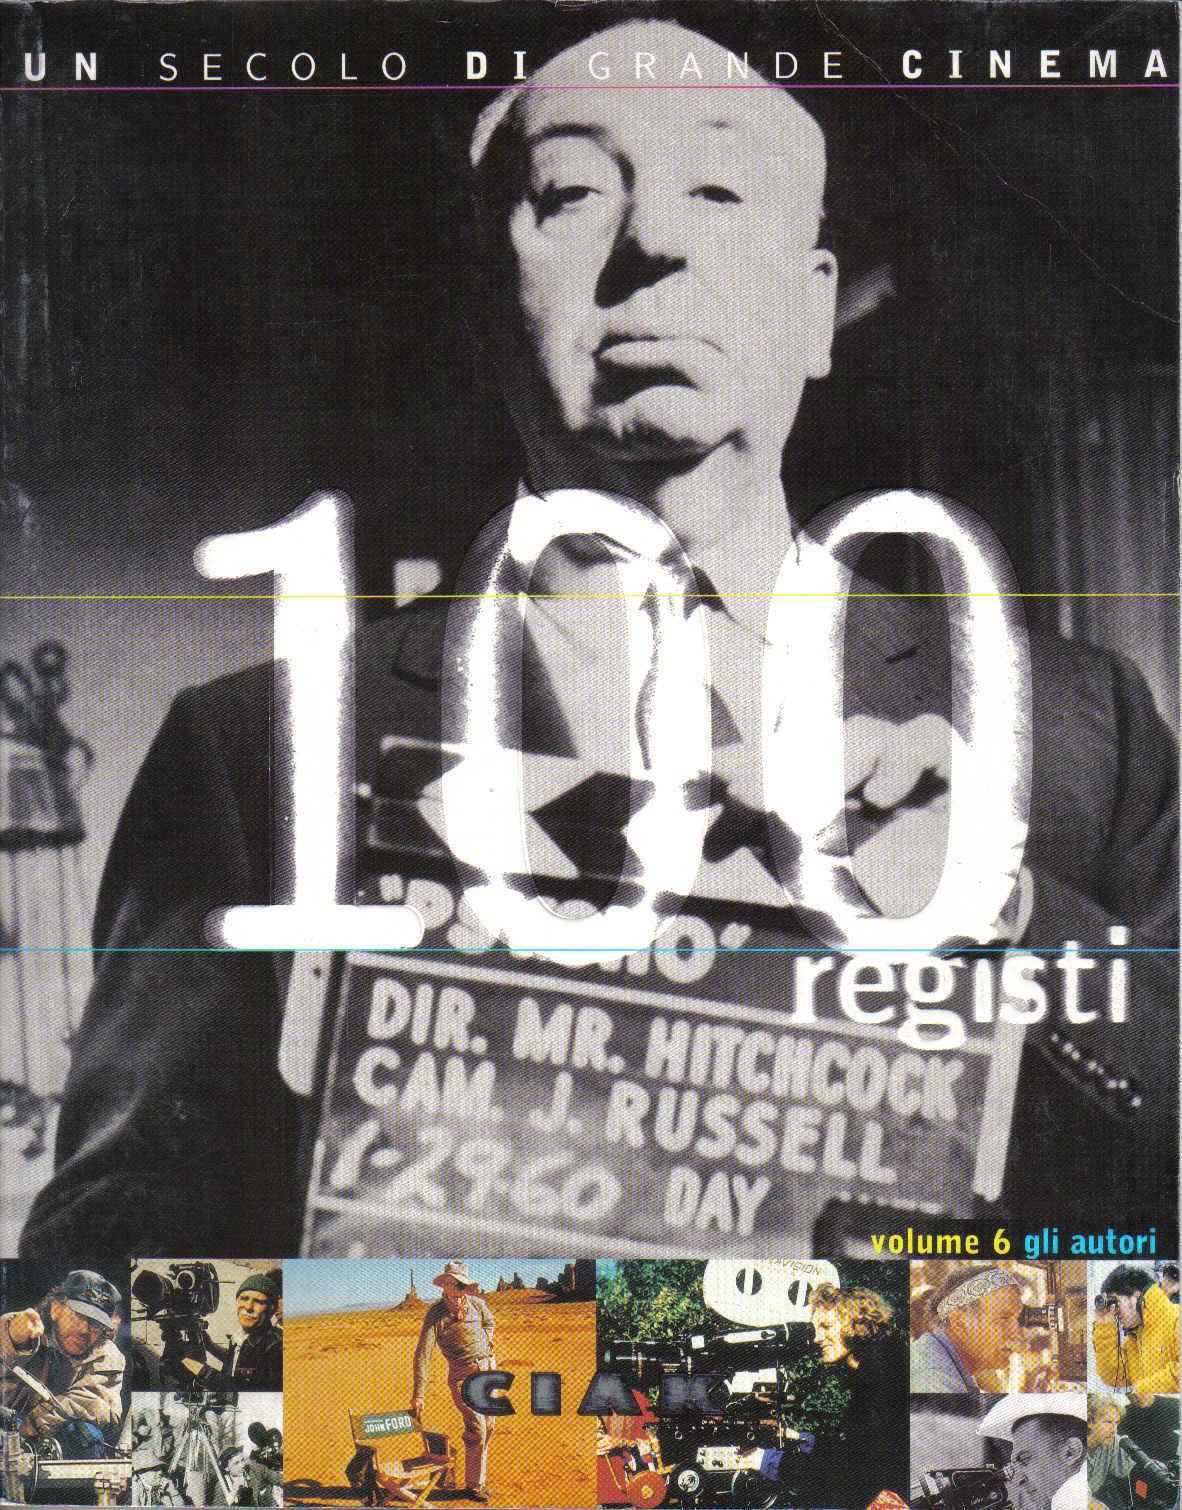 100 registi